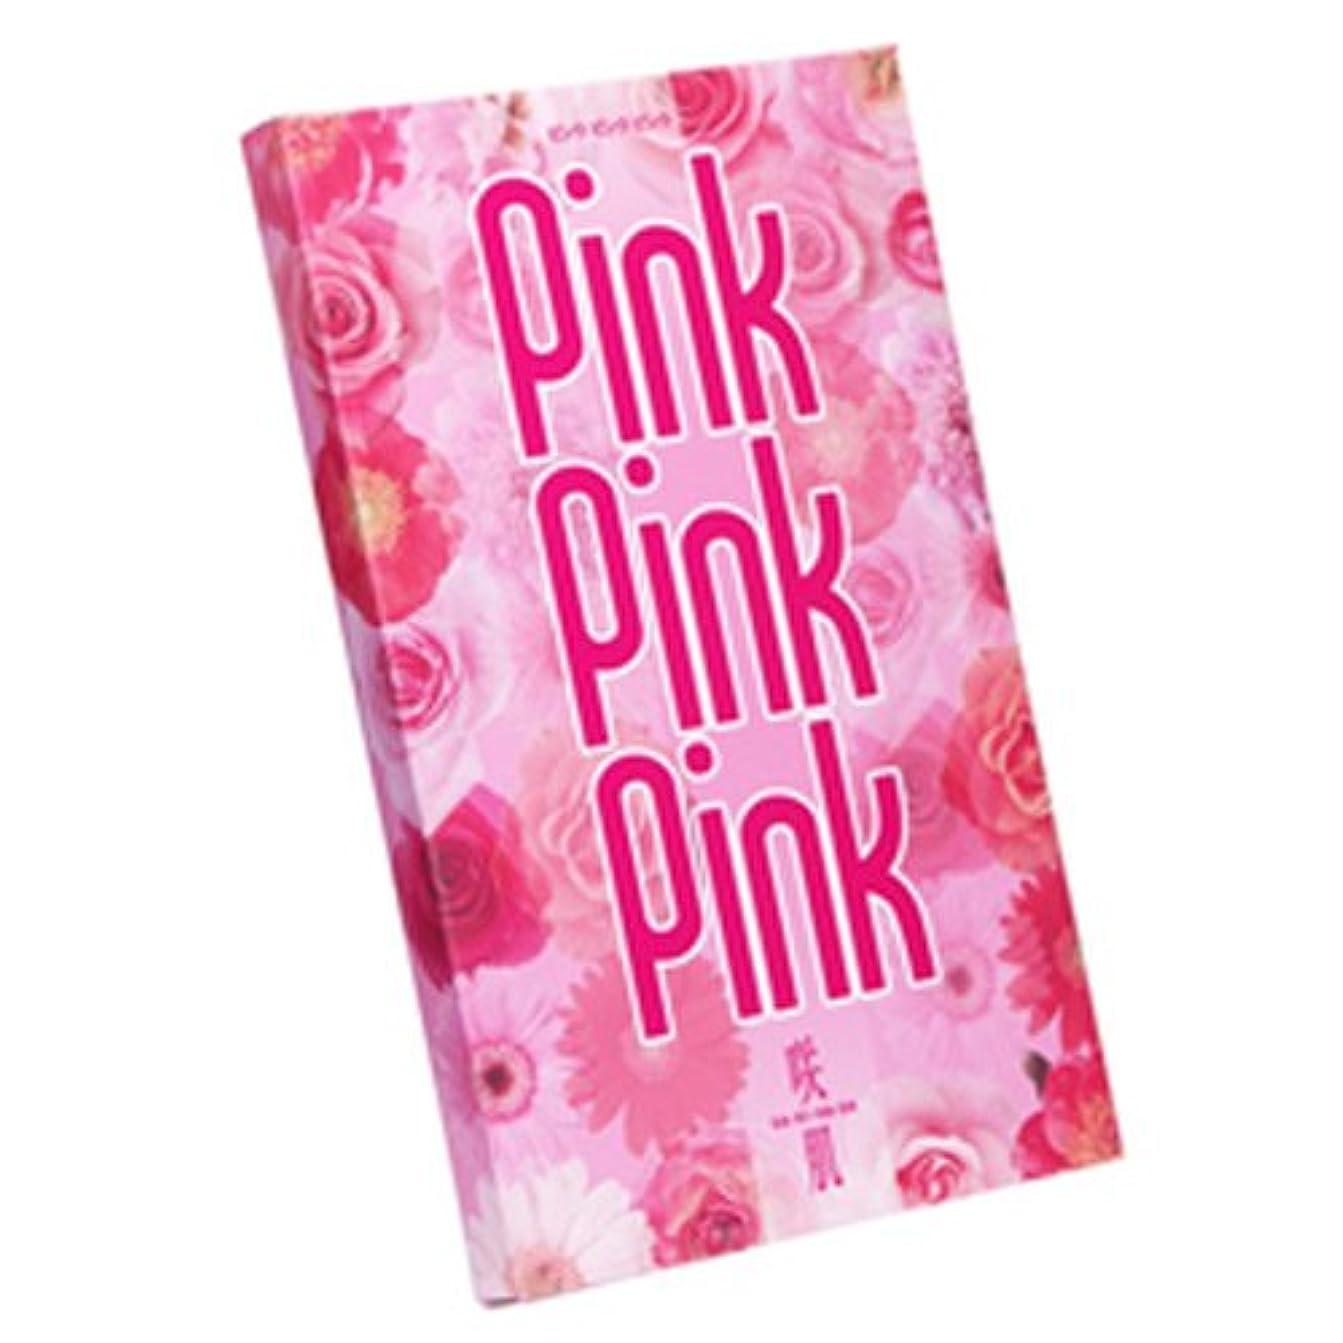 リス石の医学咲肌 PinkPinkPink バストうるるんマスク